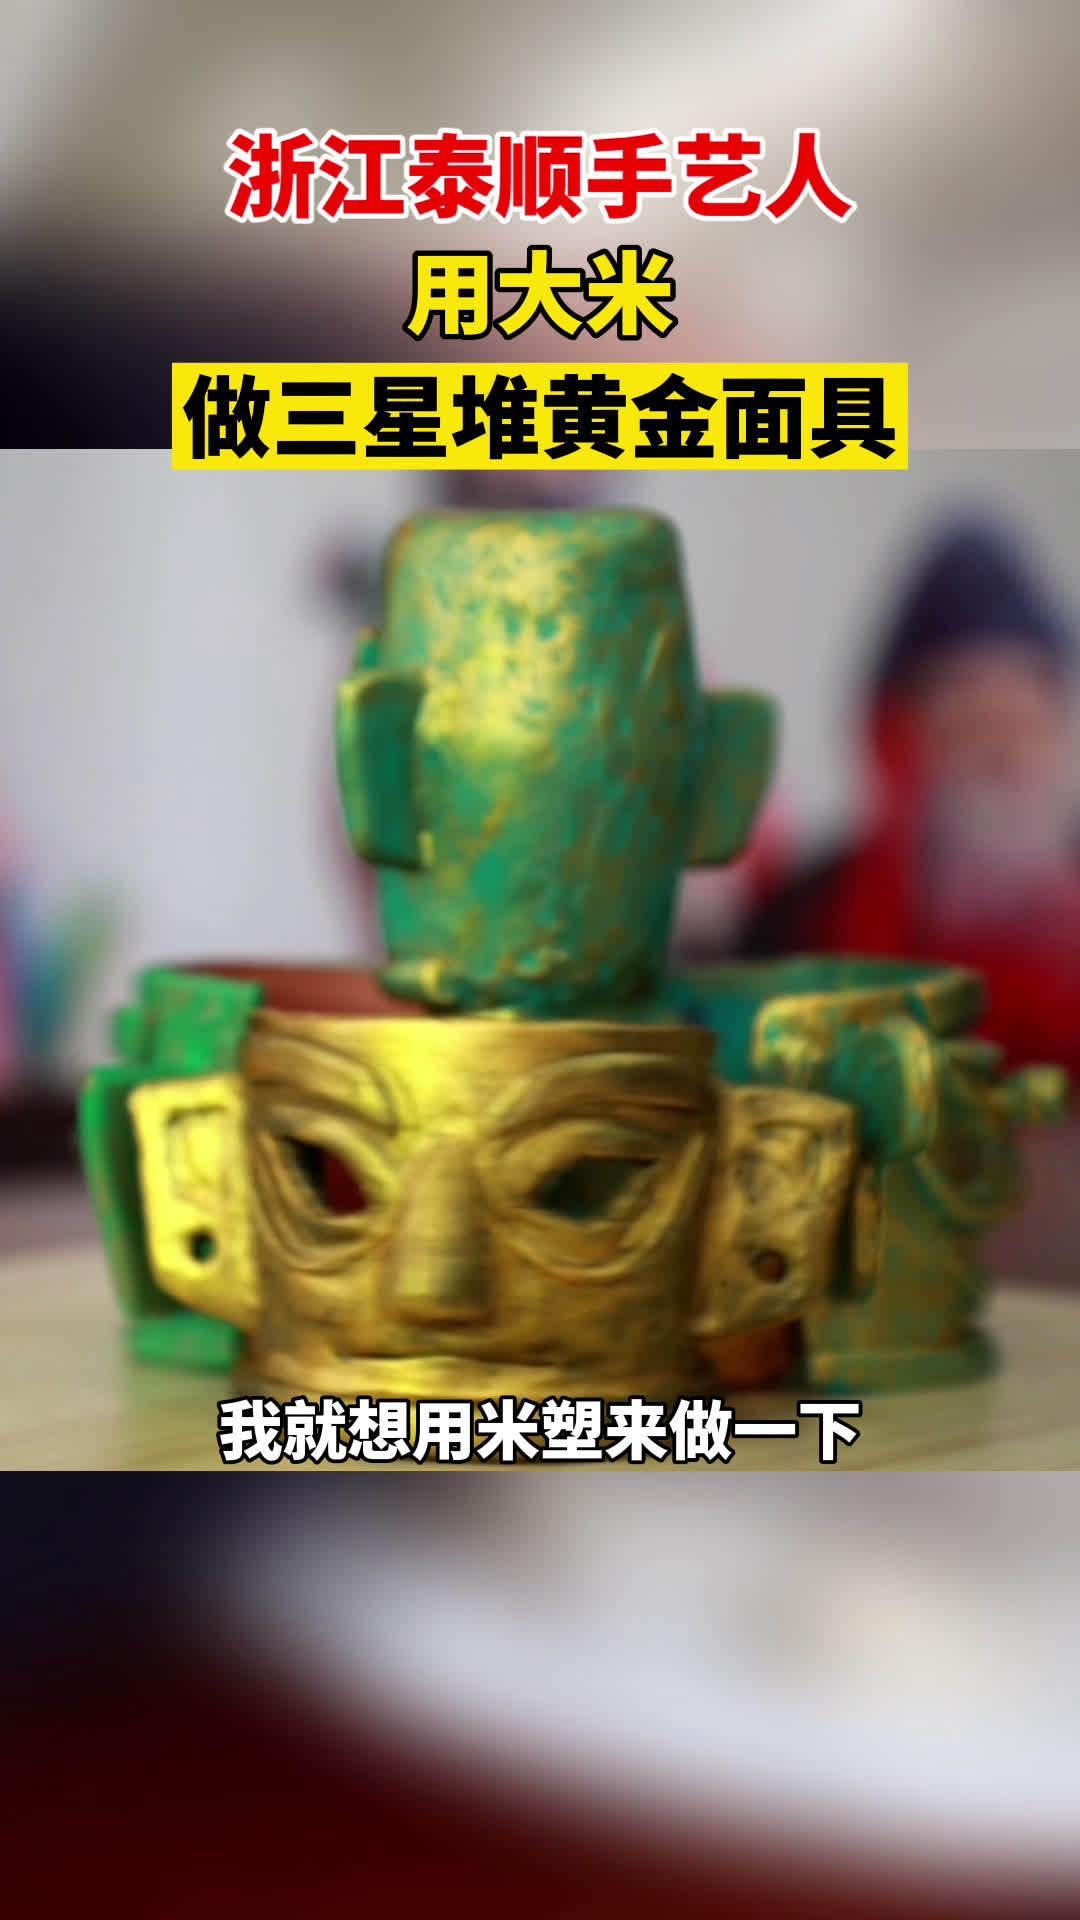 厉害了!浙江手艺人大米再现三星堆黄金面具